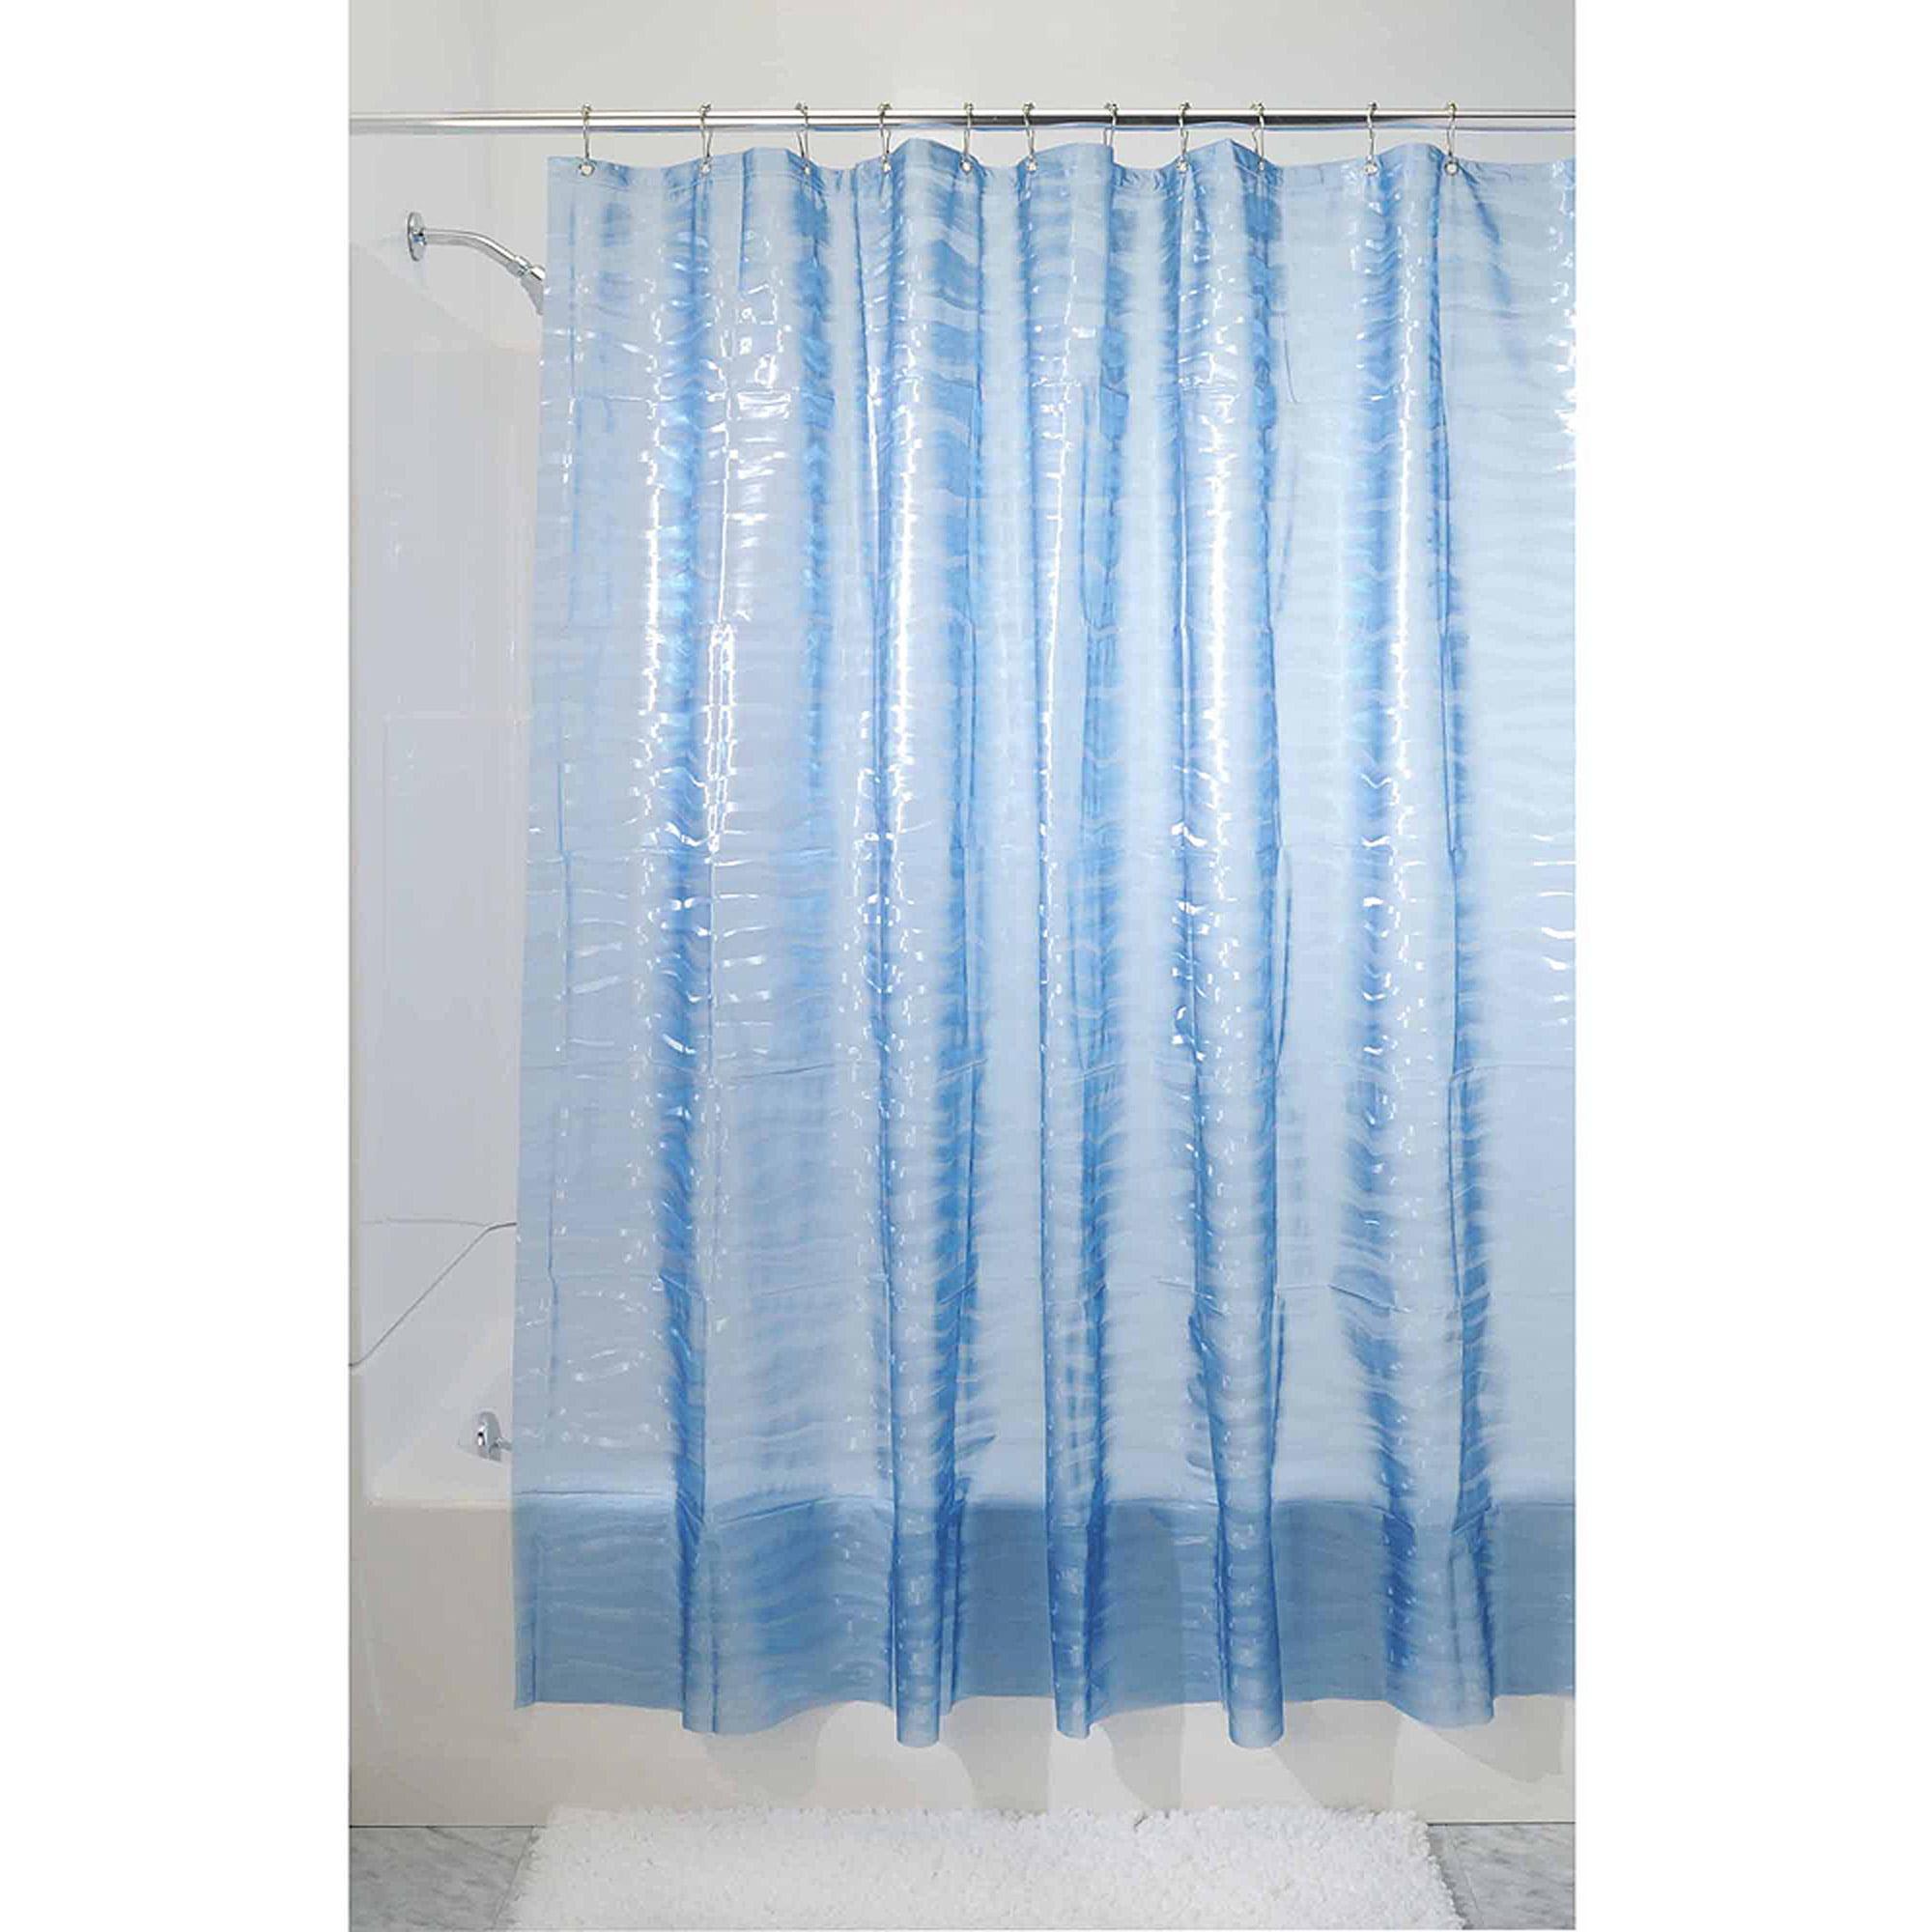 InterDesign Ripplz EVA Shower Curtain